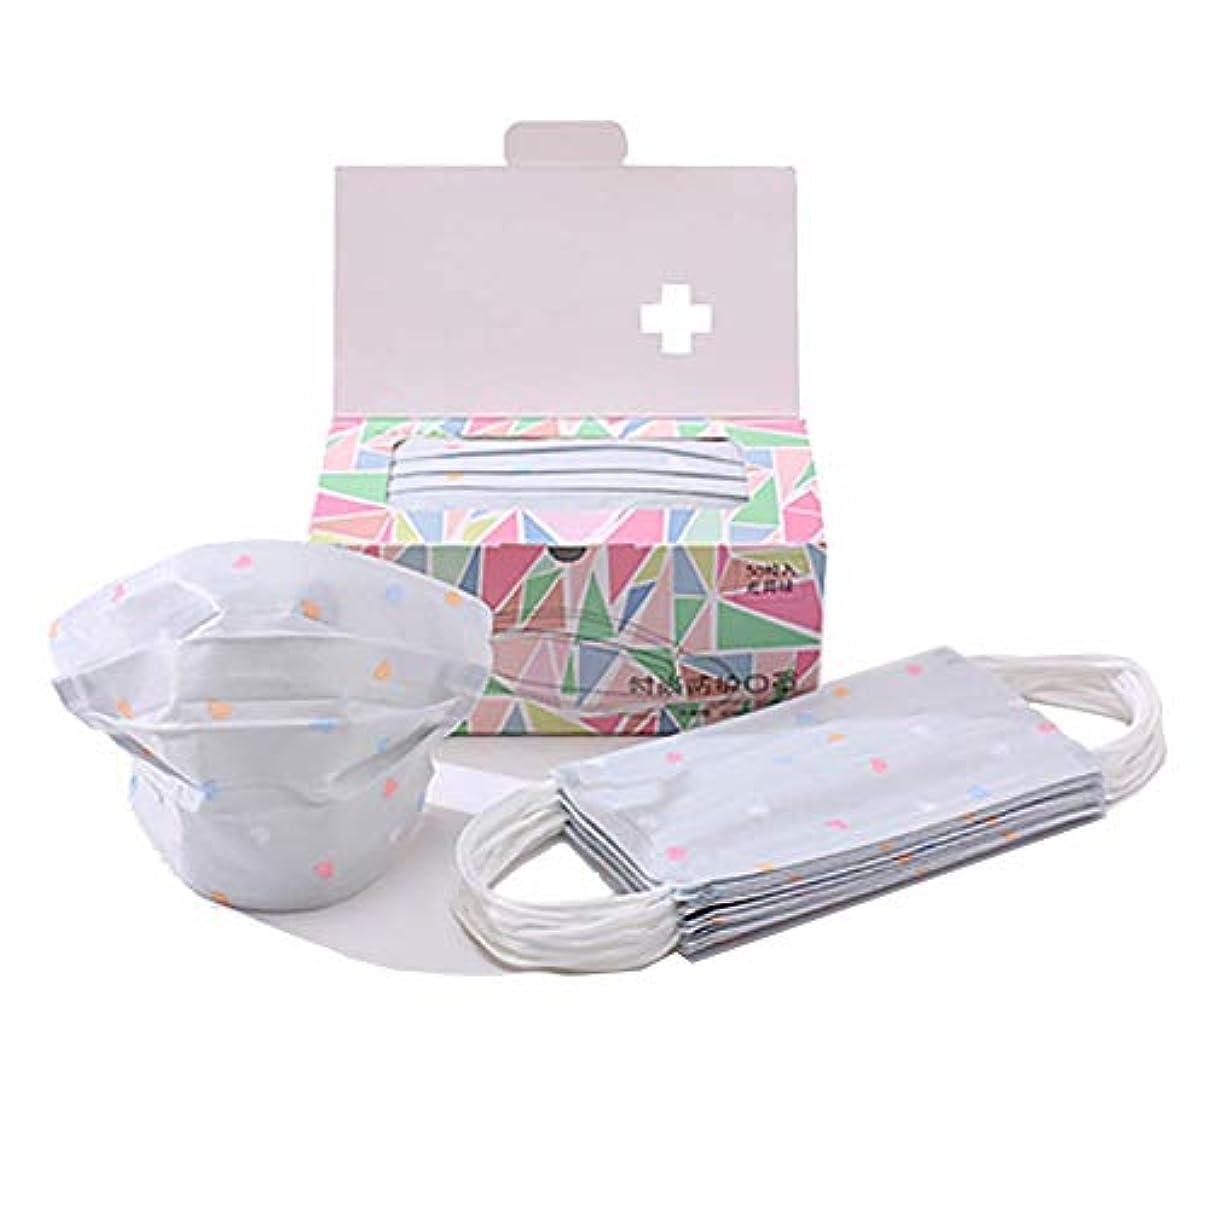 見る追放するスリンクChinashow 100個使い捨てイヤループフェイスマスク - 歯科手術用医療アレルギーインフルエンザ低刺激性、通気性 生殖防塵マスク、灰色 愛